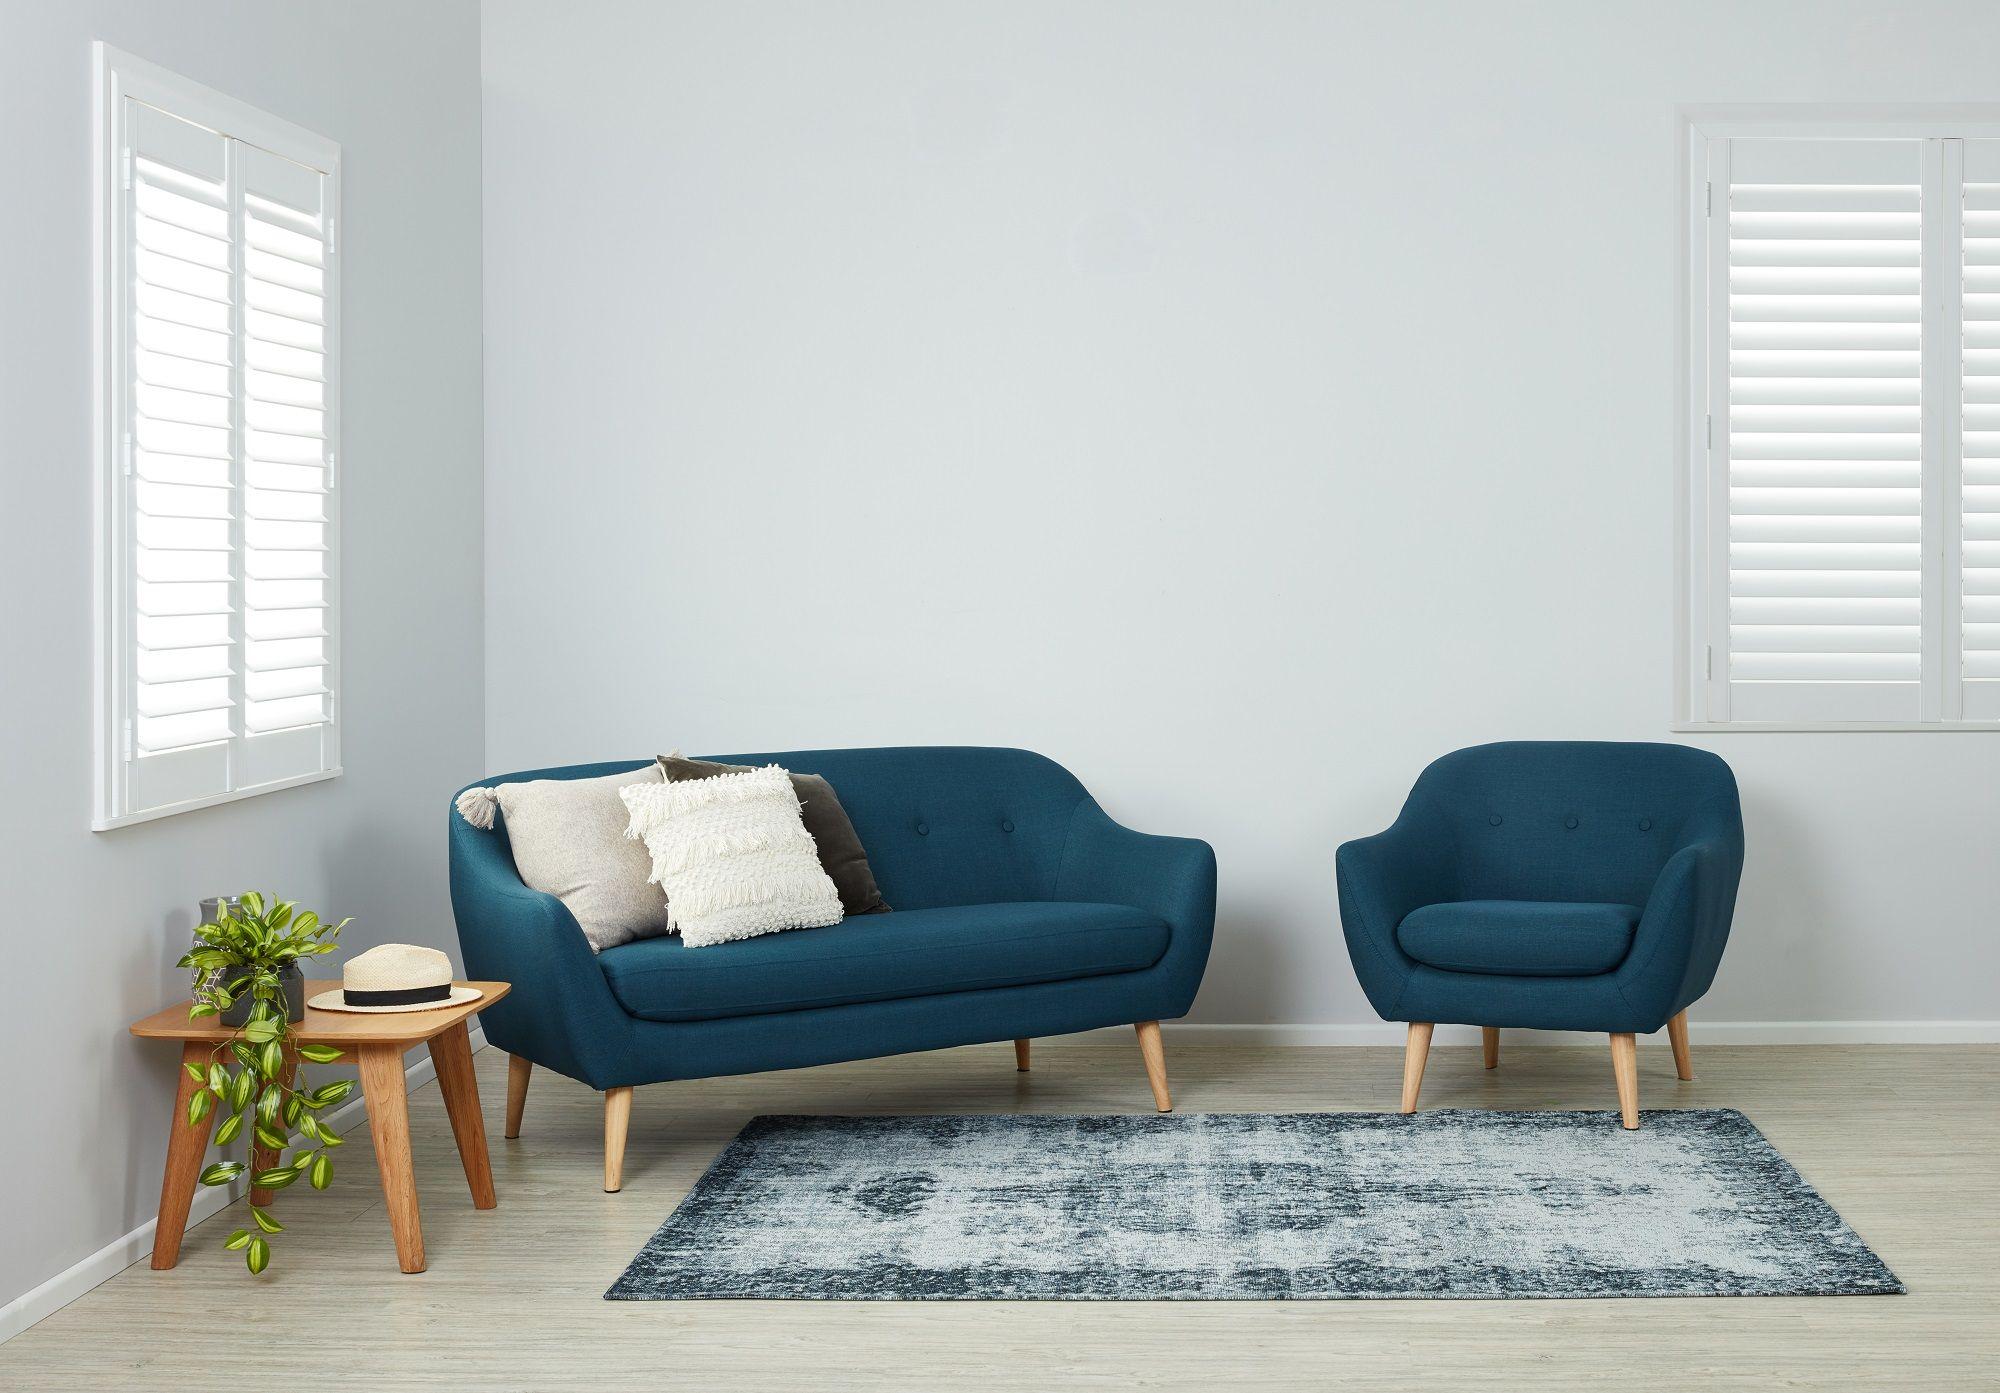 Freedom Furniture Sofa Tan Nz Google Search Leather Sofa Leather Lounge Best Leather Sofa